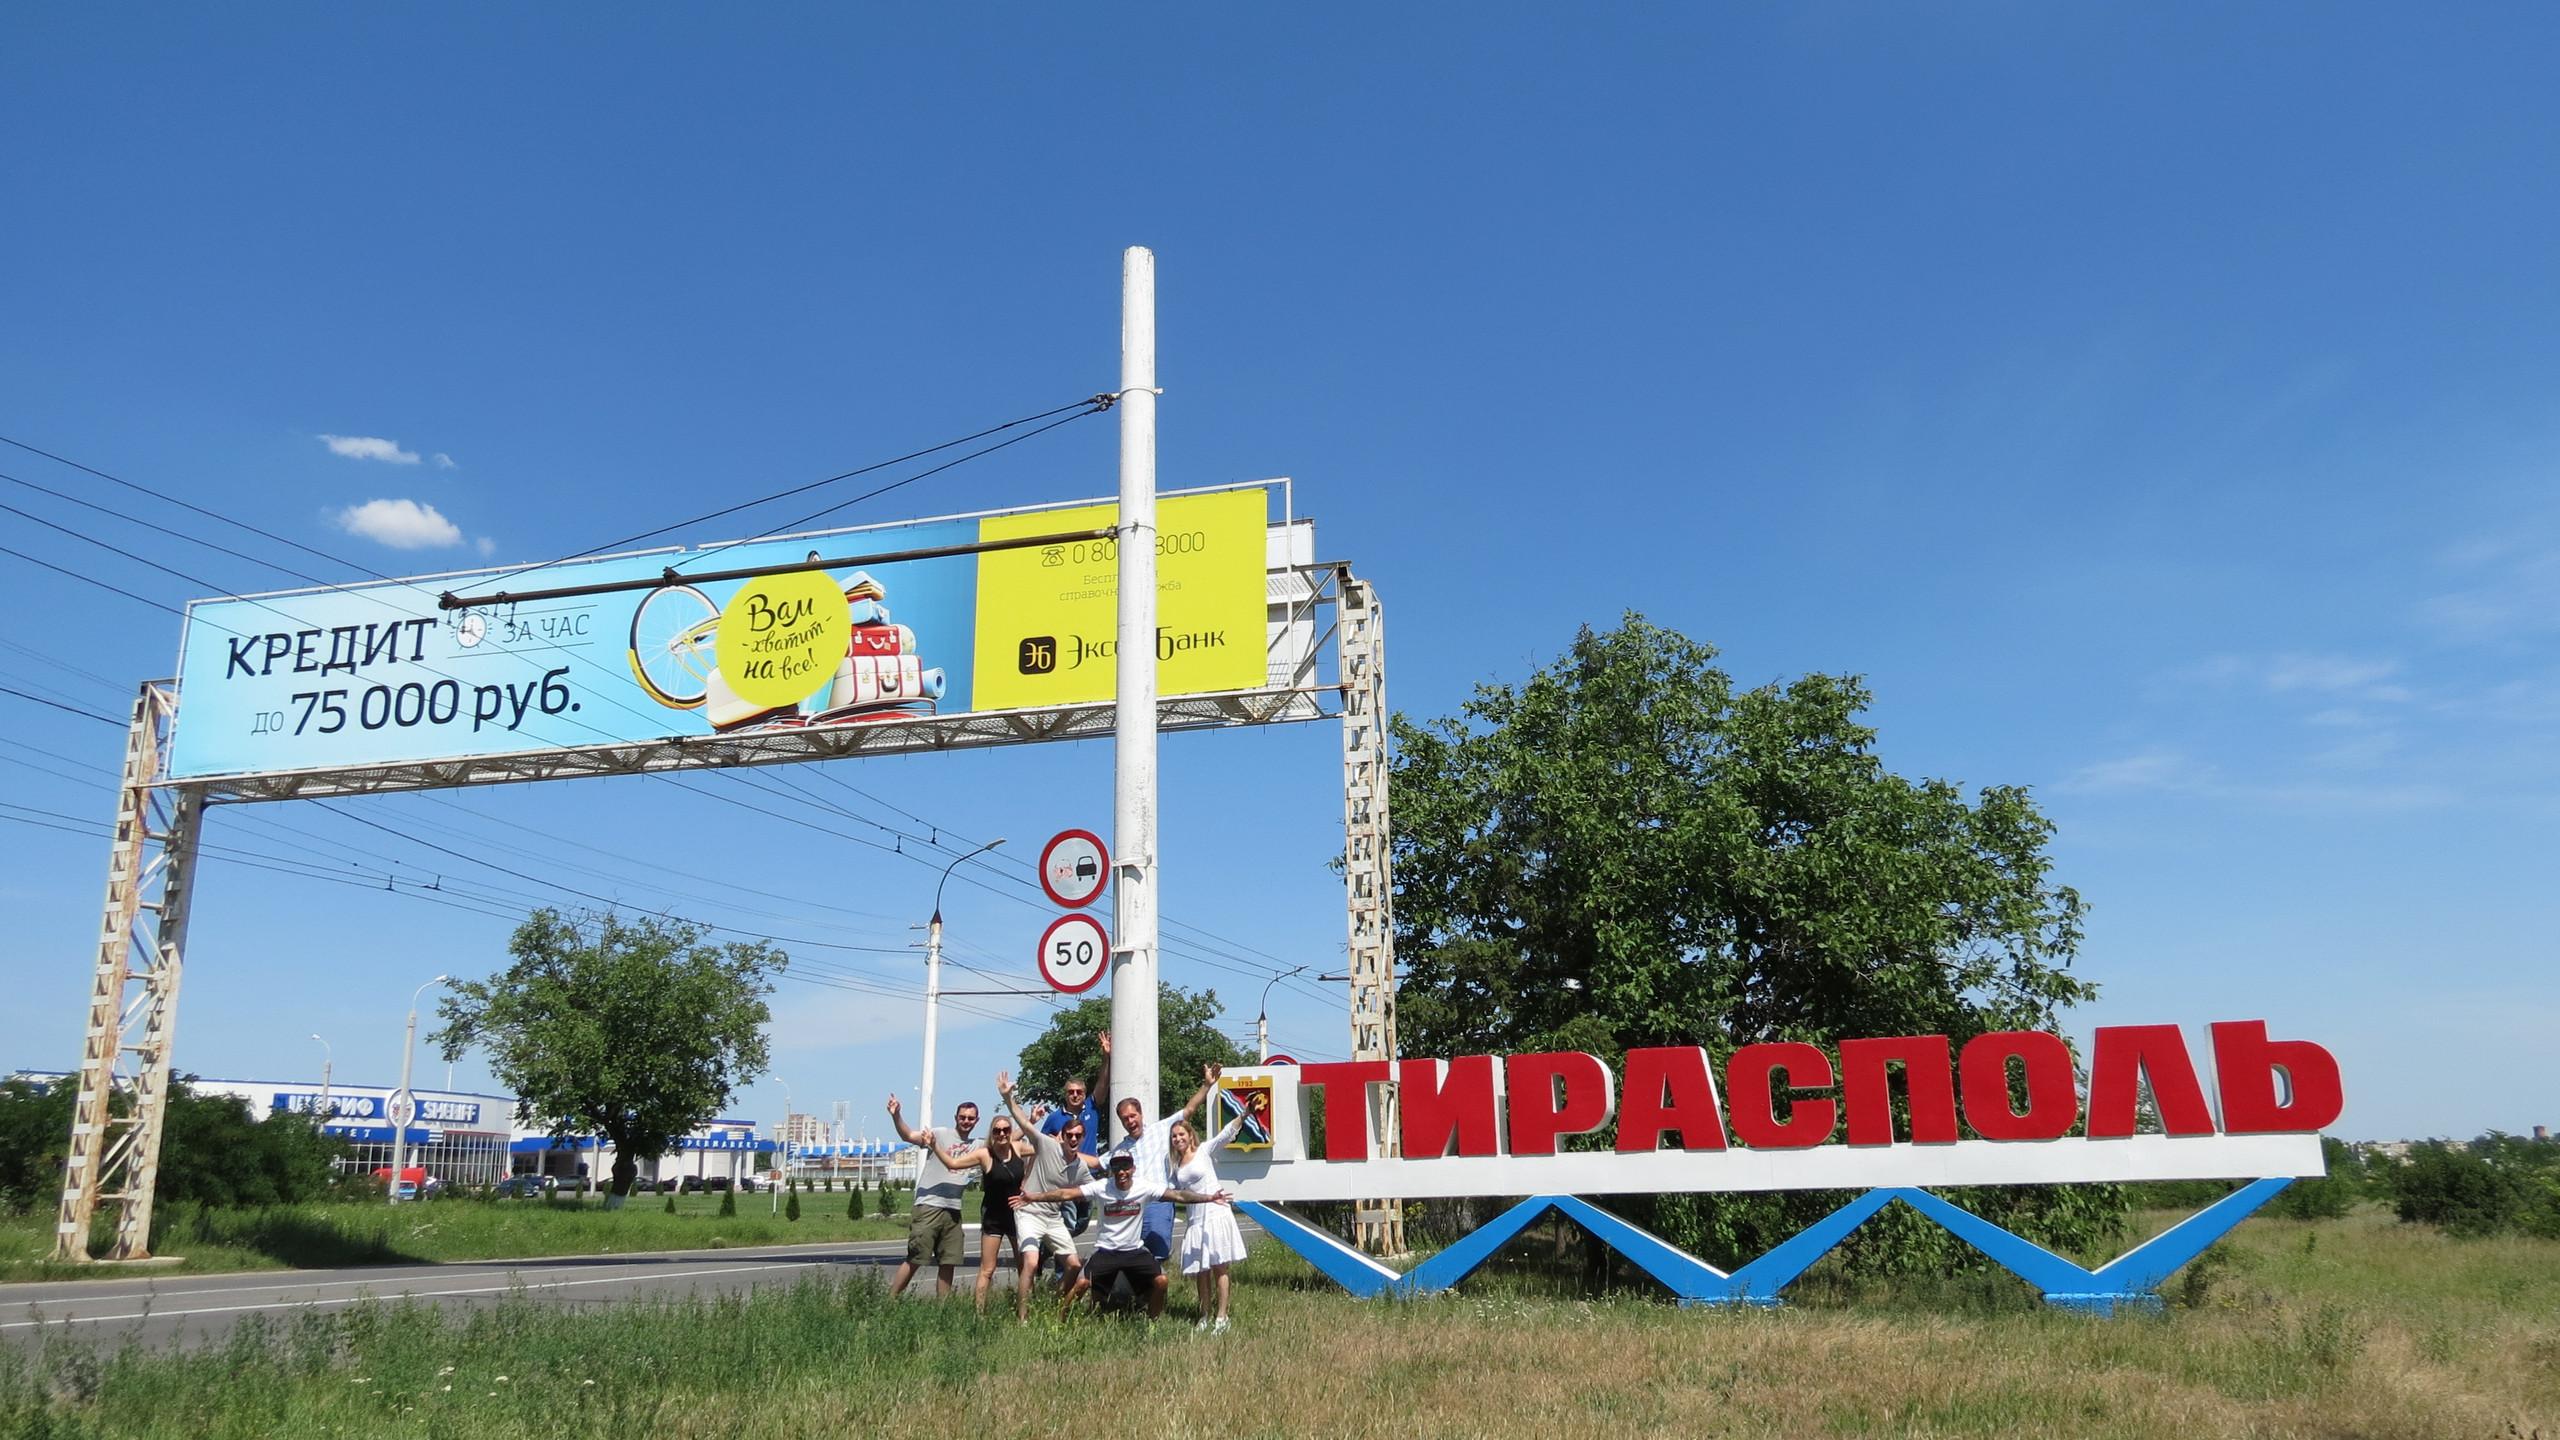 294 - Transnistria